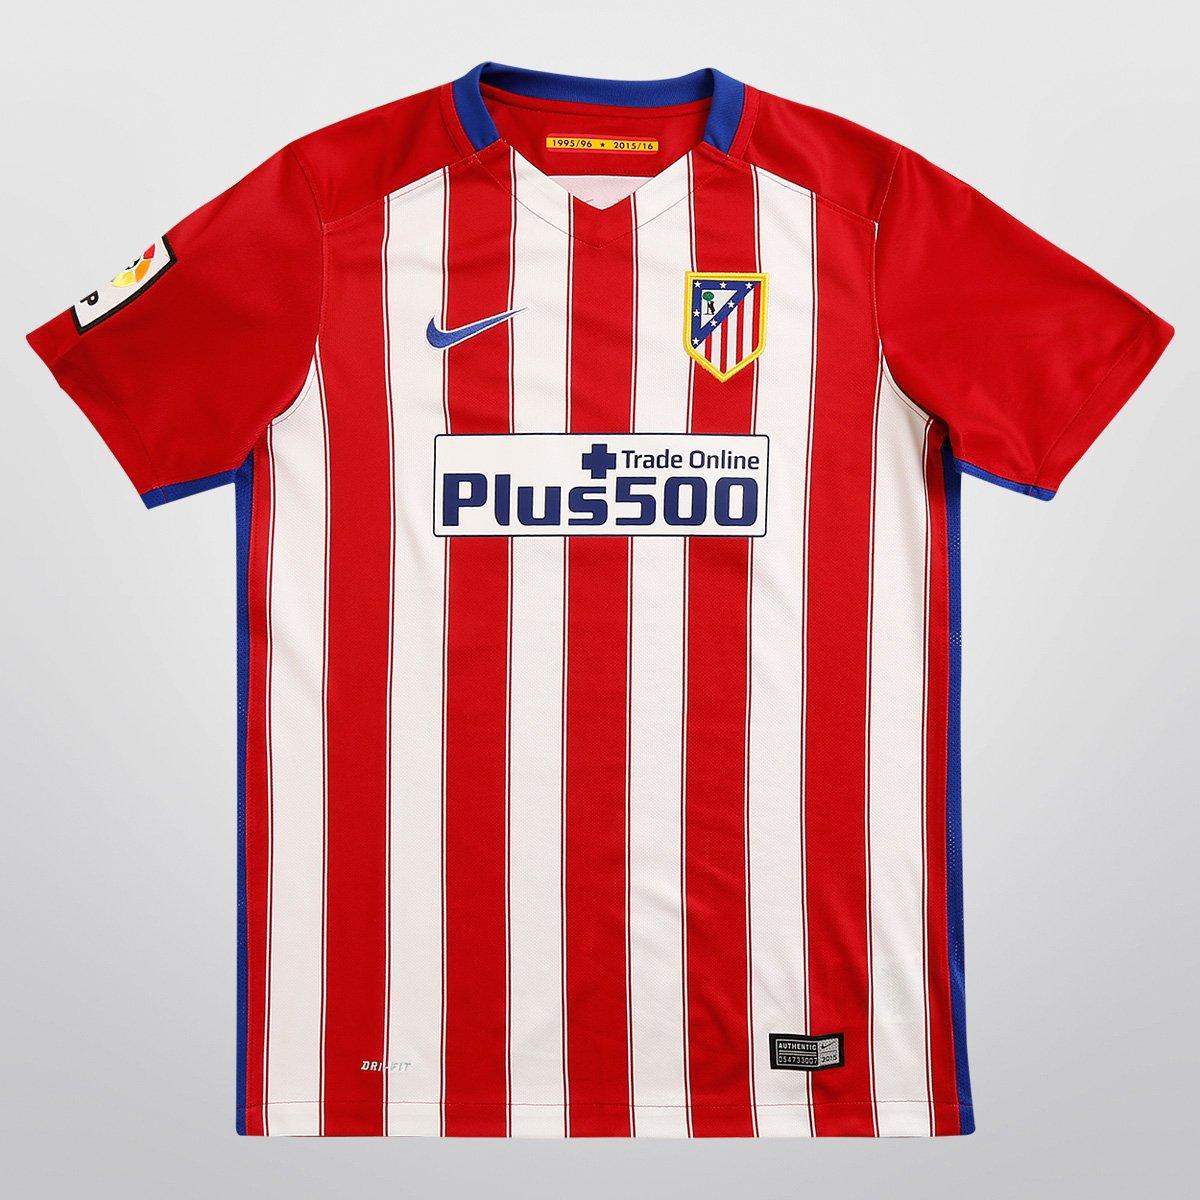 Camisa Nike Atlético de Madrid Home 15 16 s nº Infantil - Compre Agora  6c325566a96c8